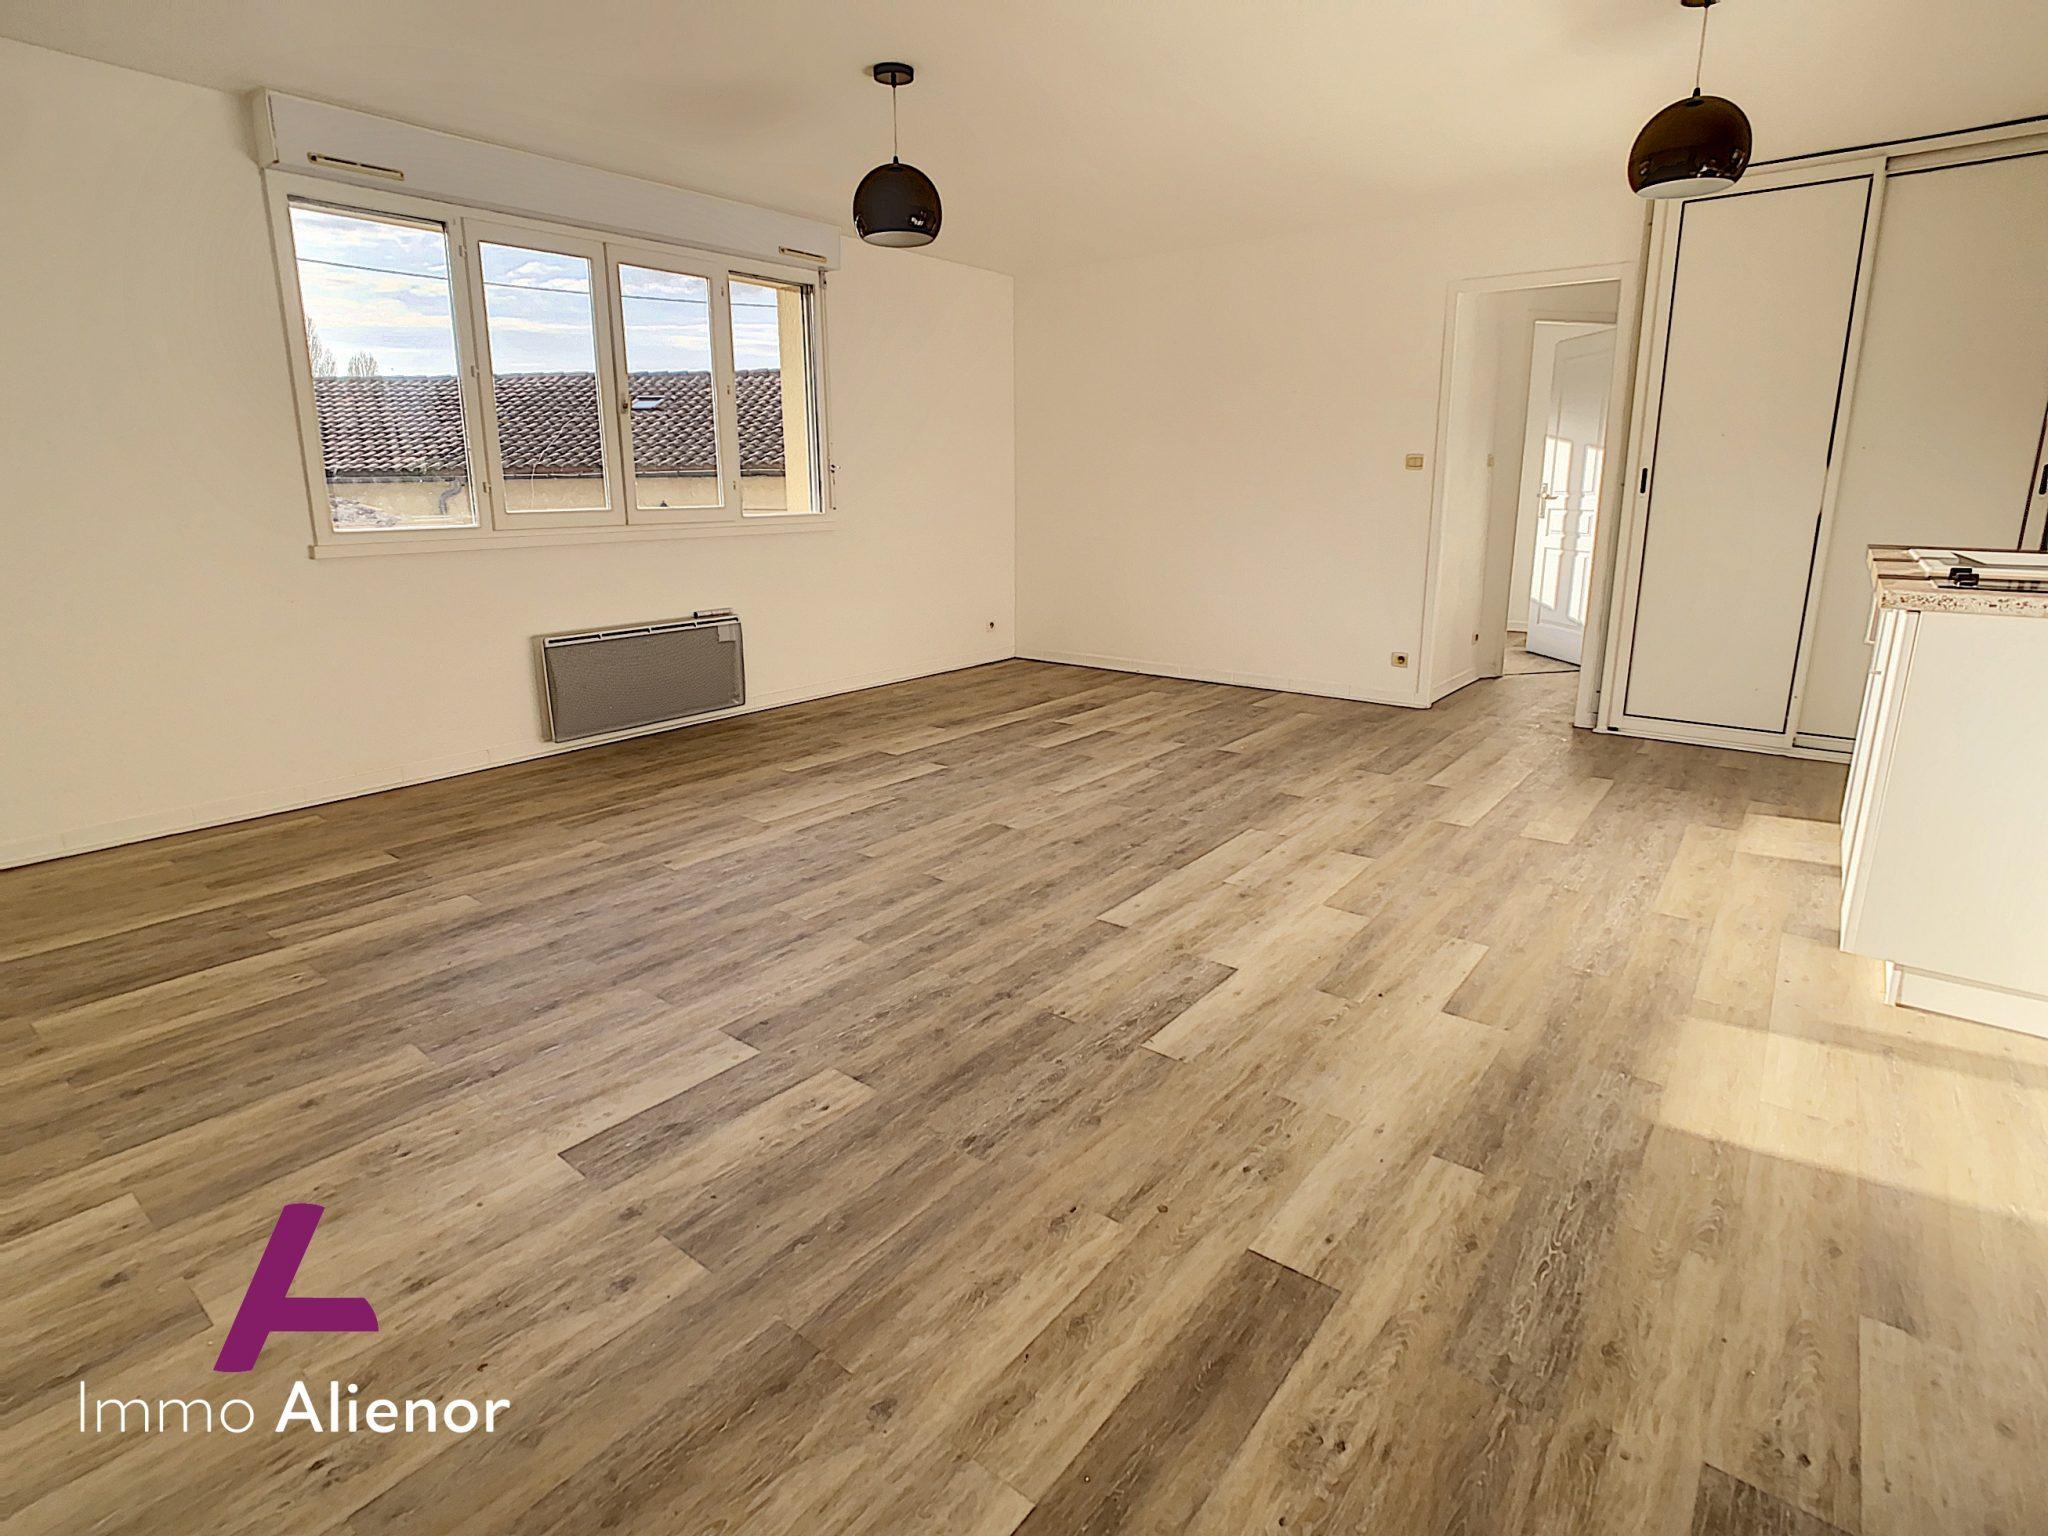 Appartement 2 pièces de 44,33 m² à Villenave d'Ornon